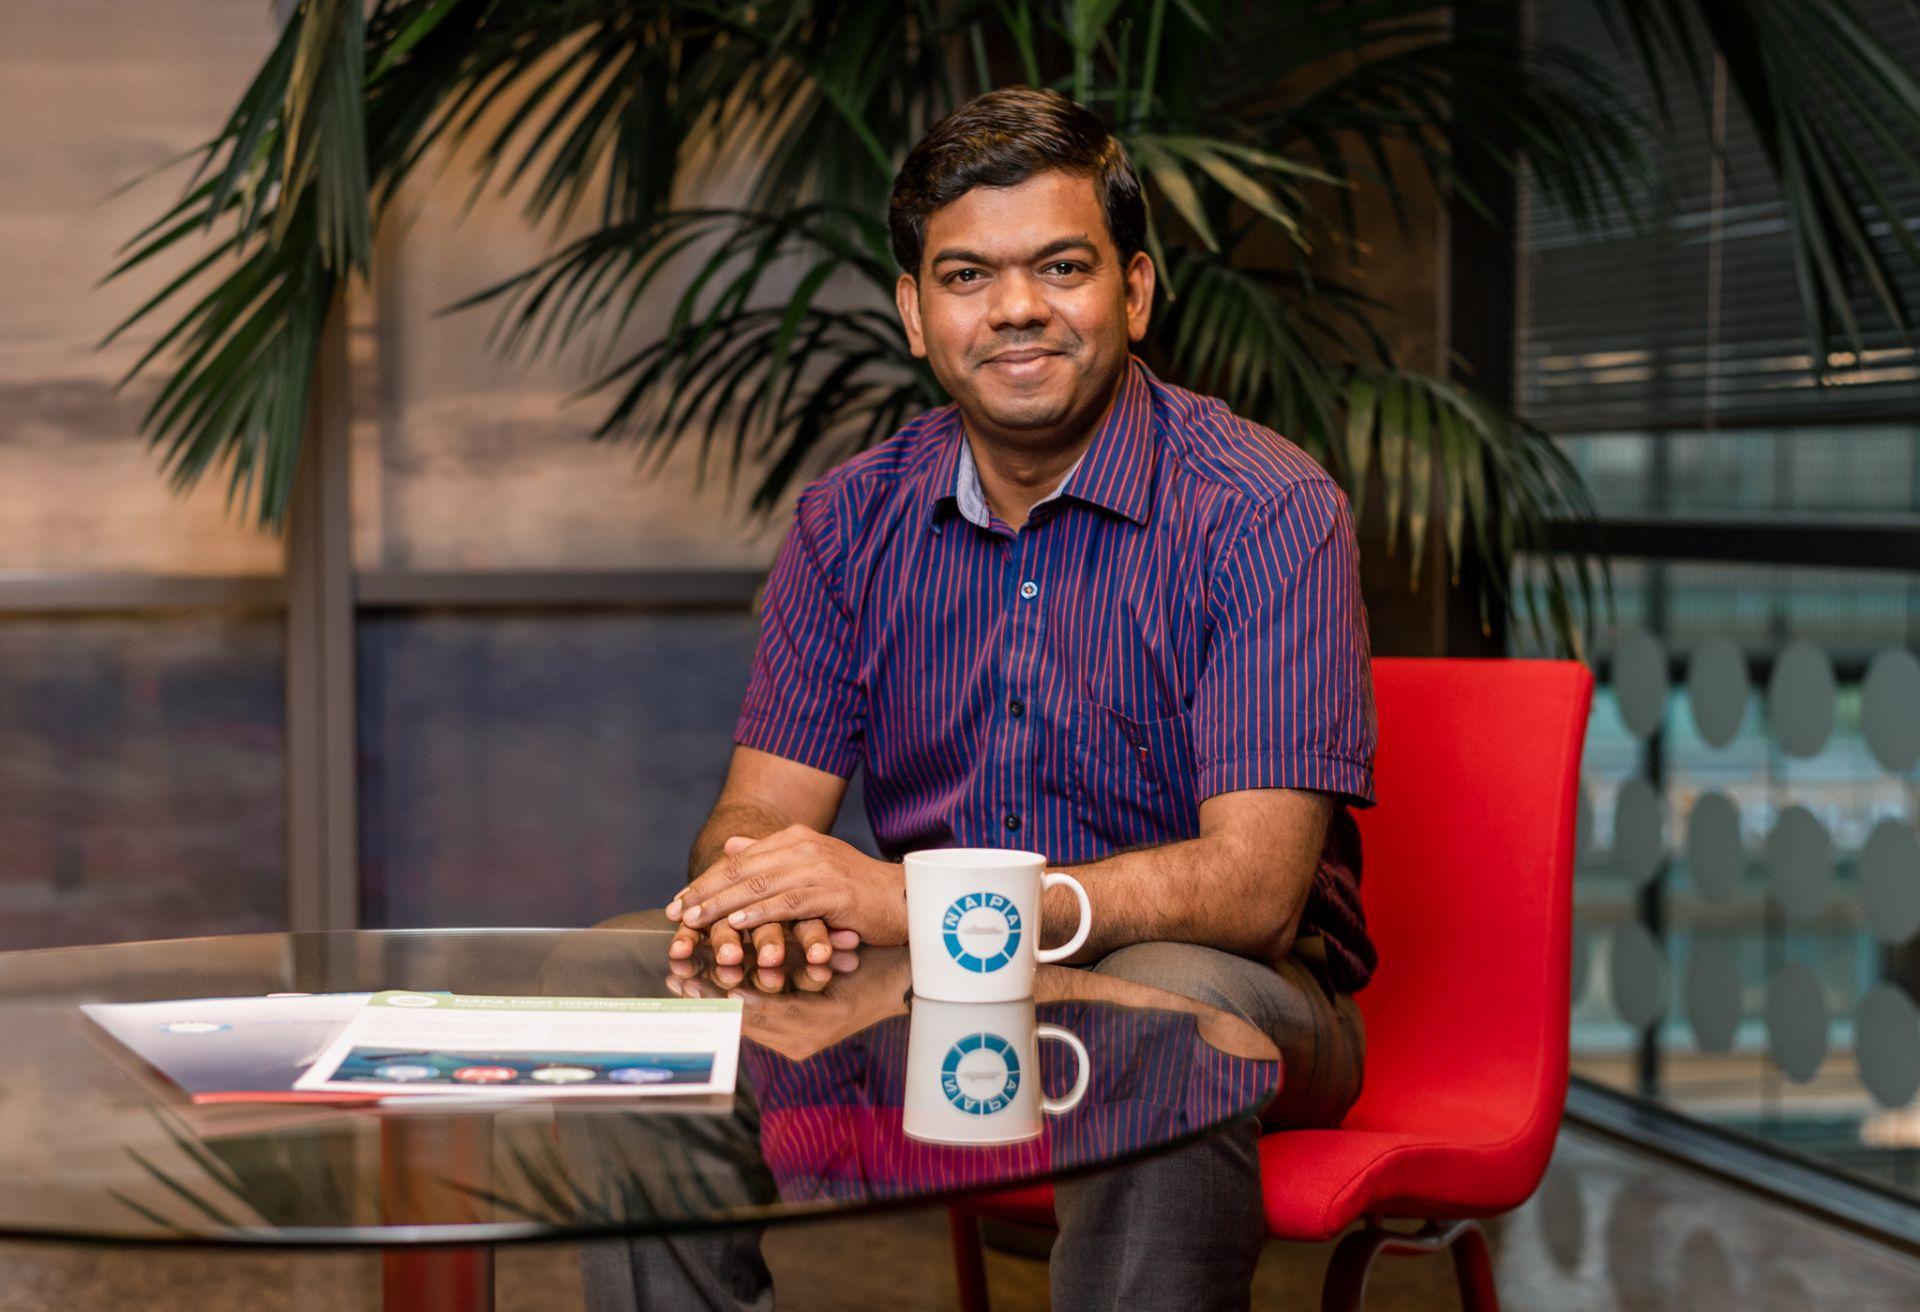 Ignatius Selvaraj